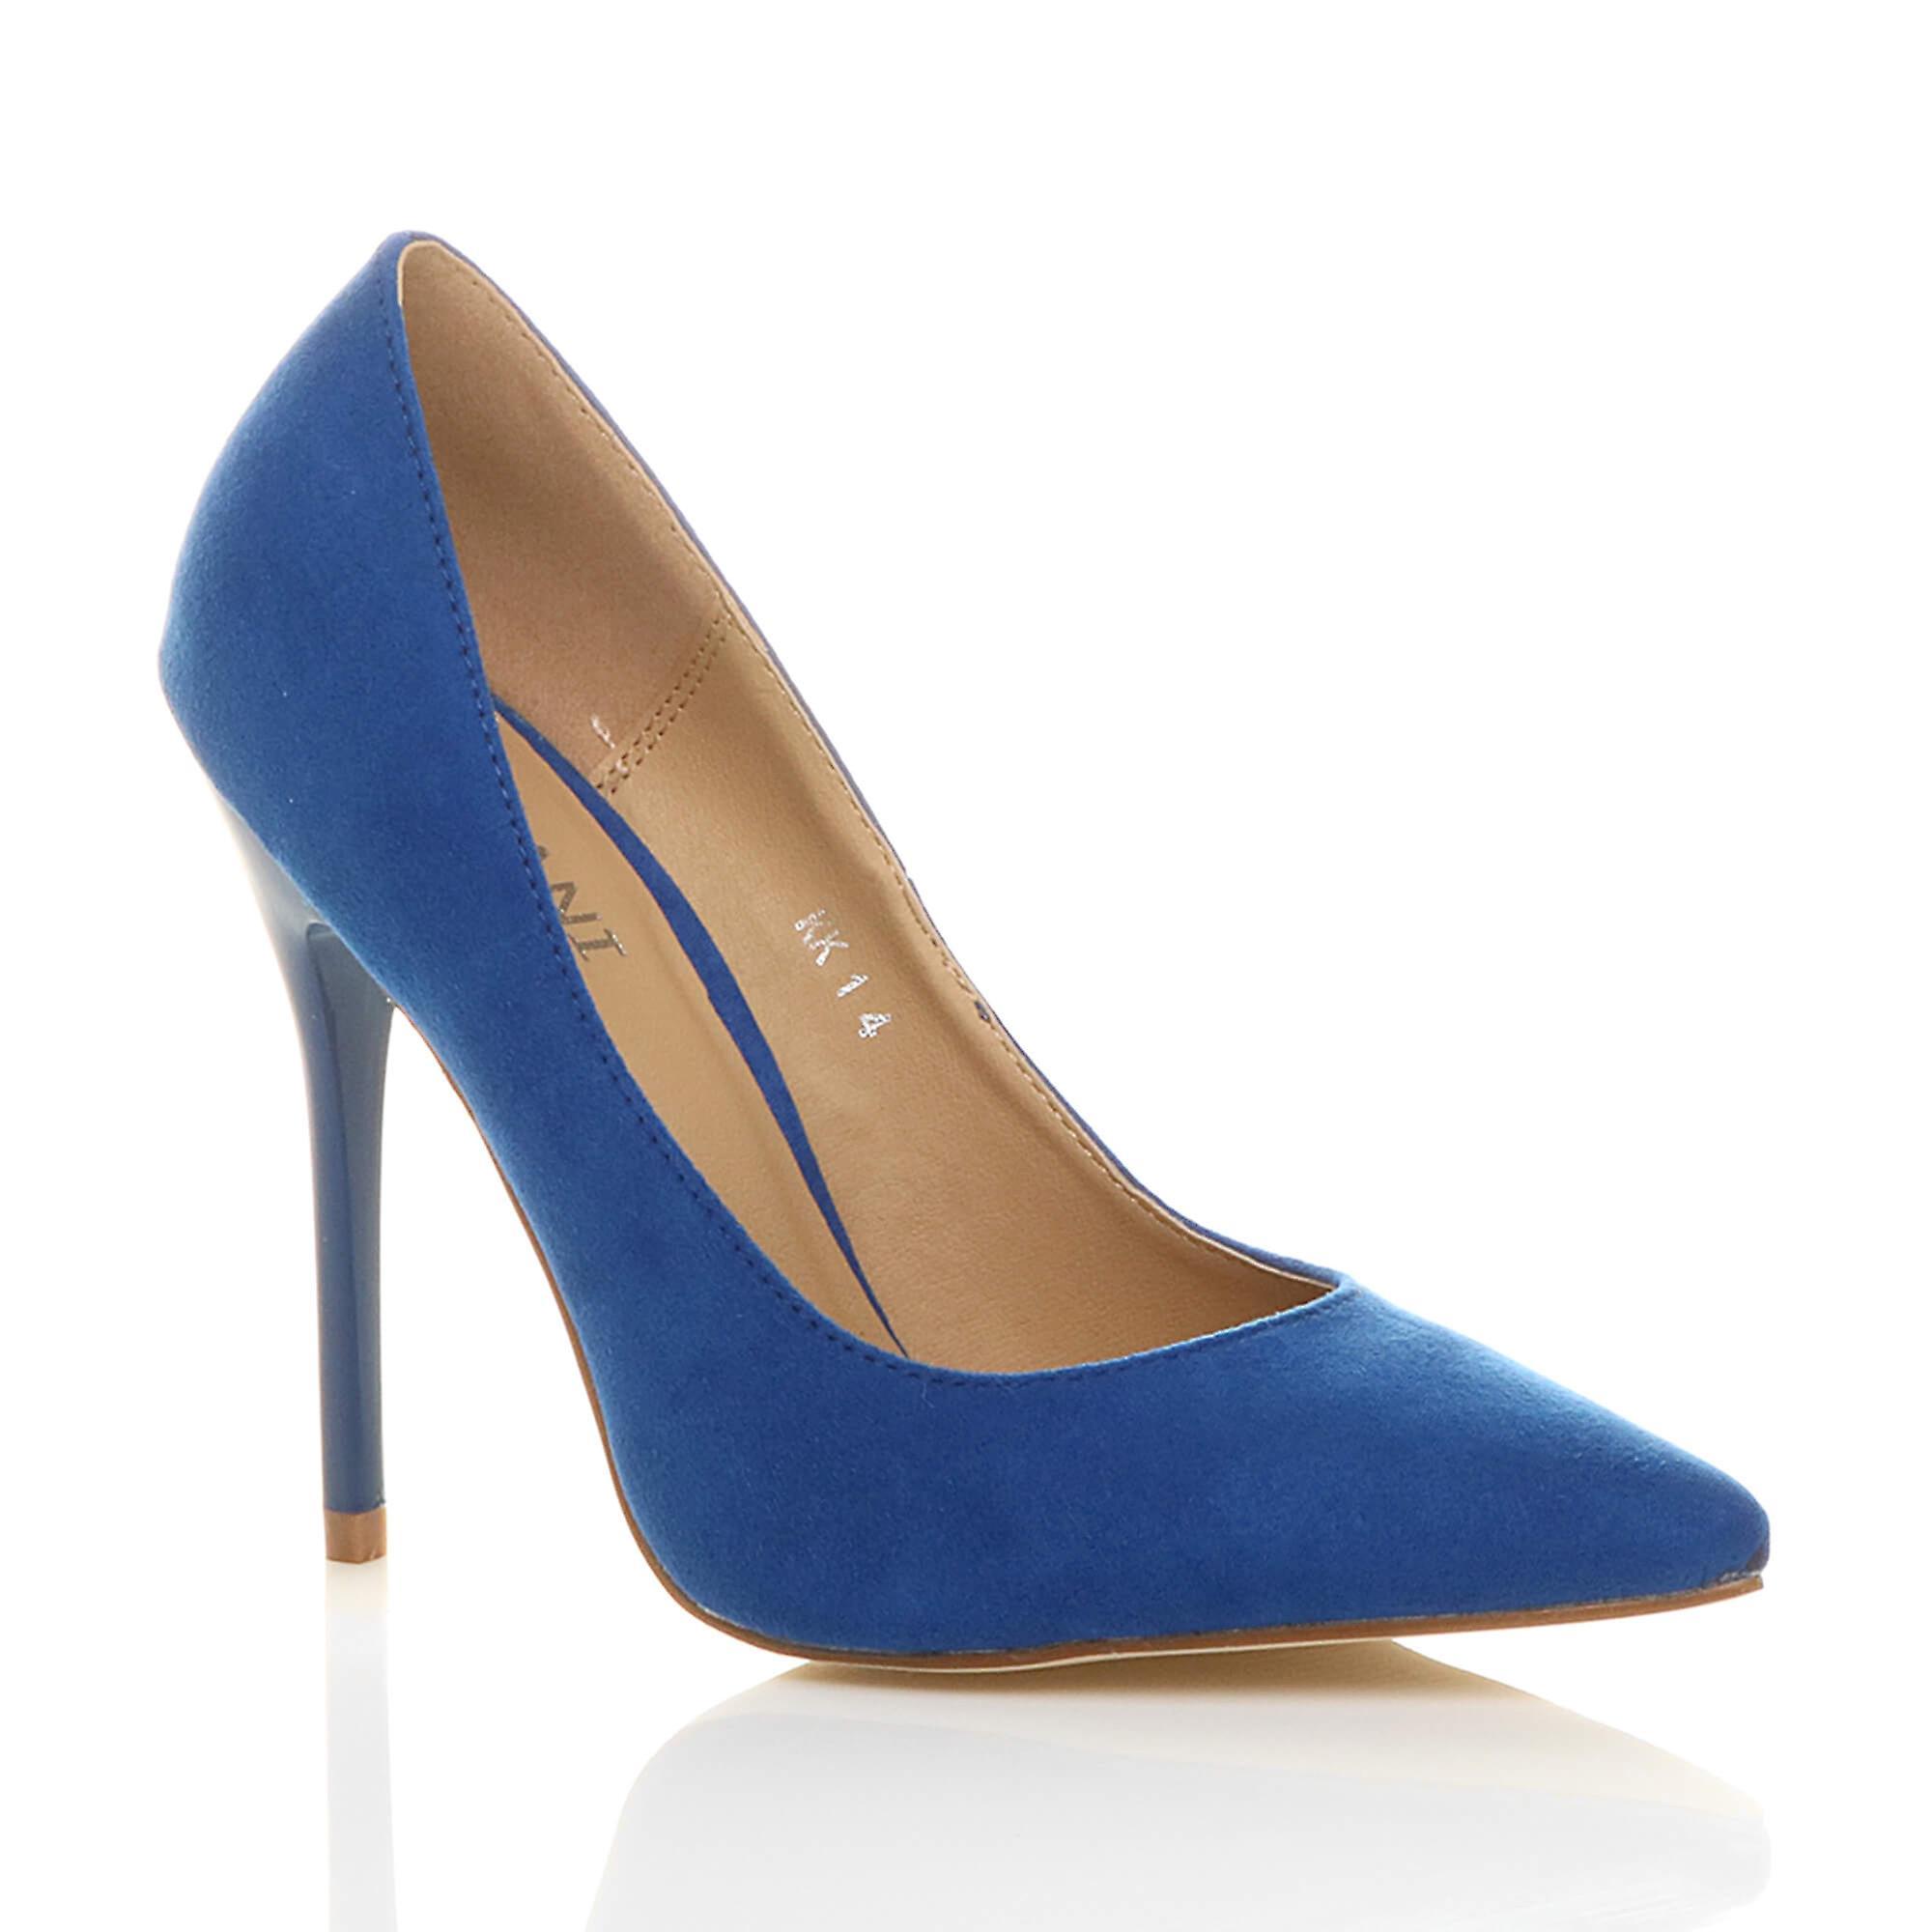 Ajvani damskie szpilki wskazał kontrast sąd smart partii pracy buty pompy gtT14